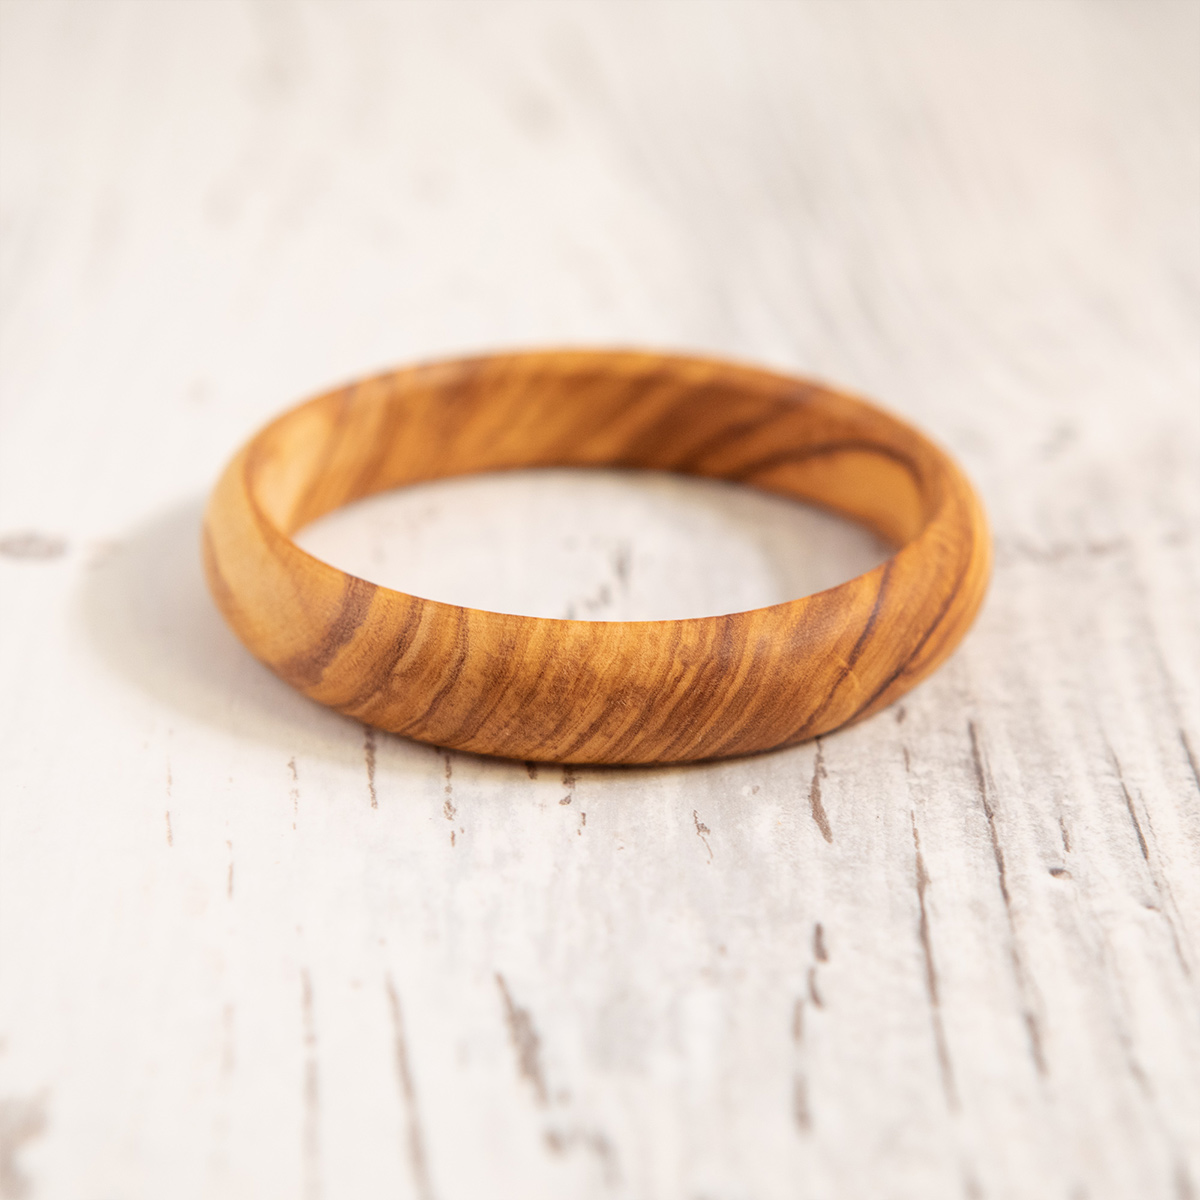 Bracciale in legno di Ulivo - Artelegno